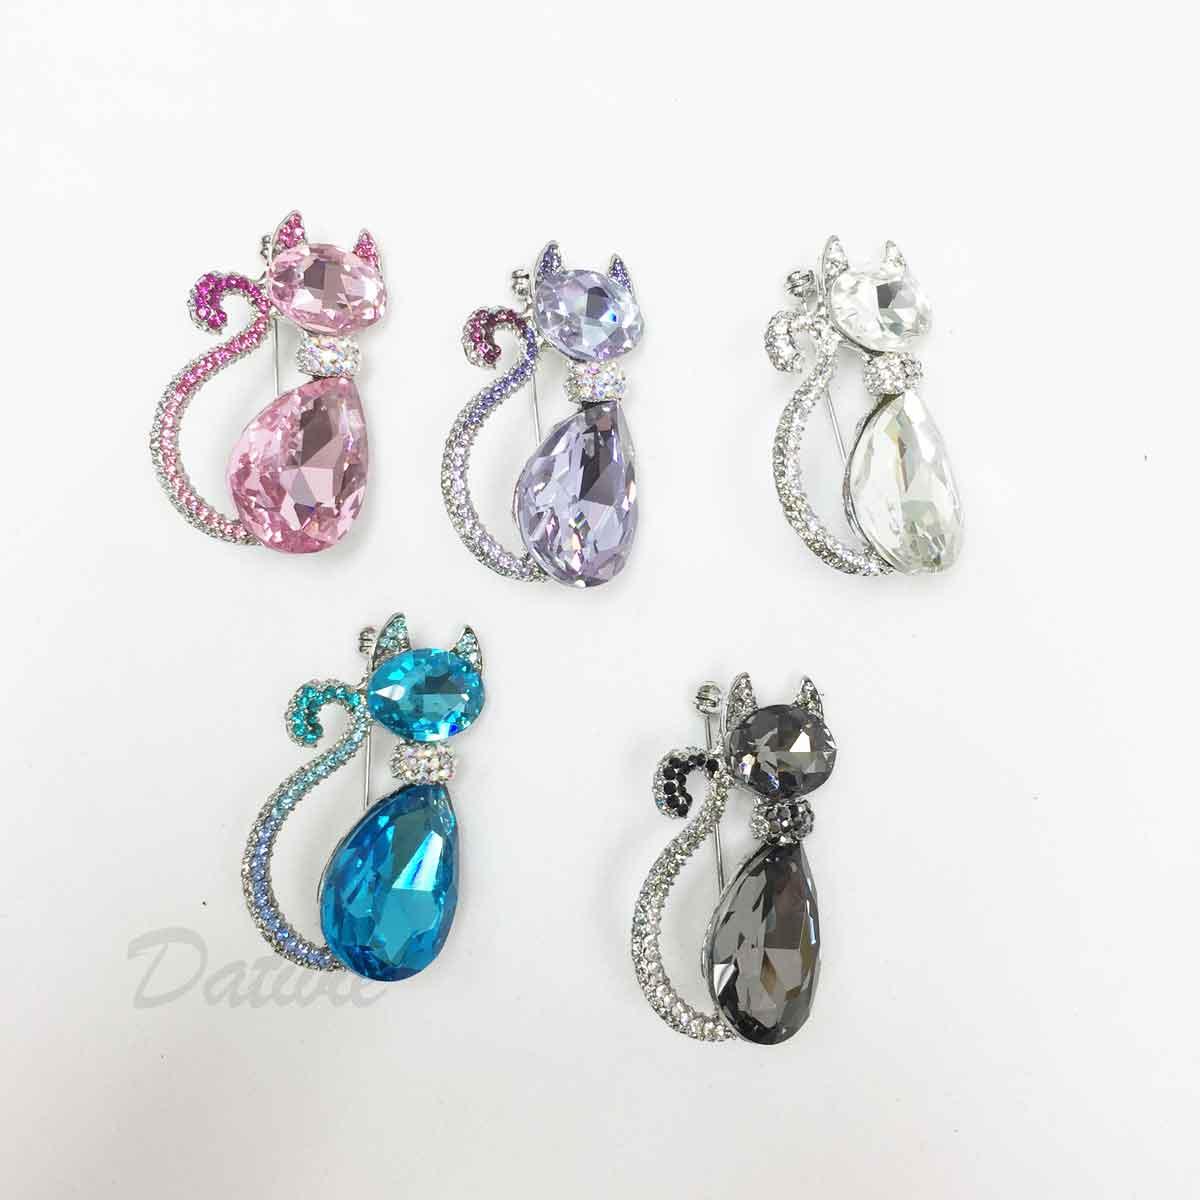 貓咪 可愛 動物造型 粉 紫 藍 白 黑 彩色水鑽 五色 單個 胸針